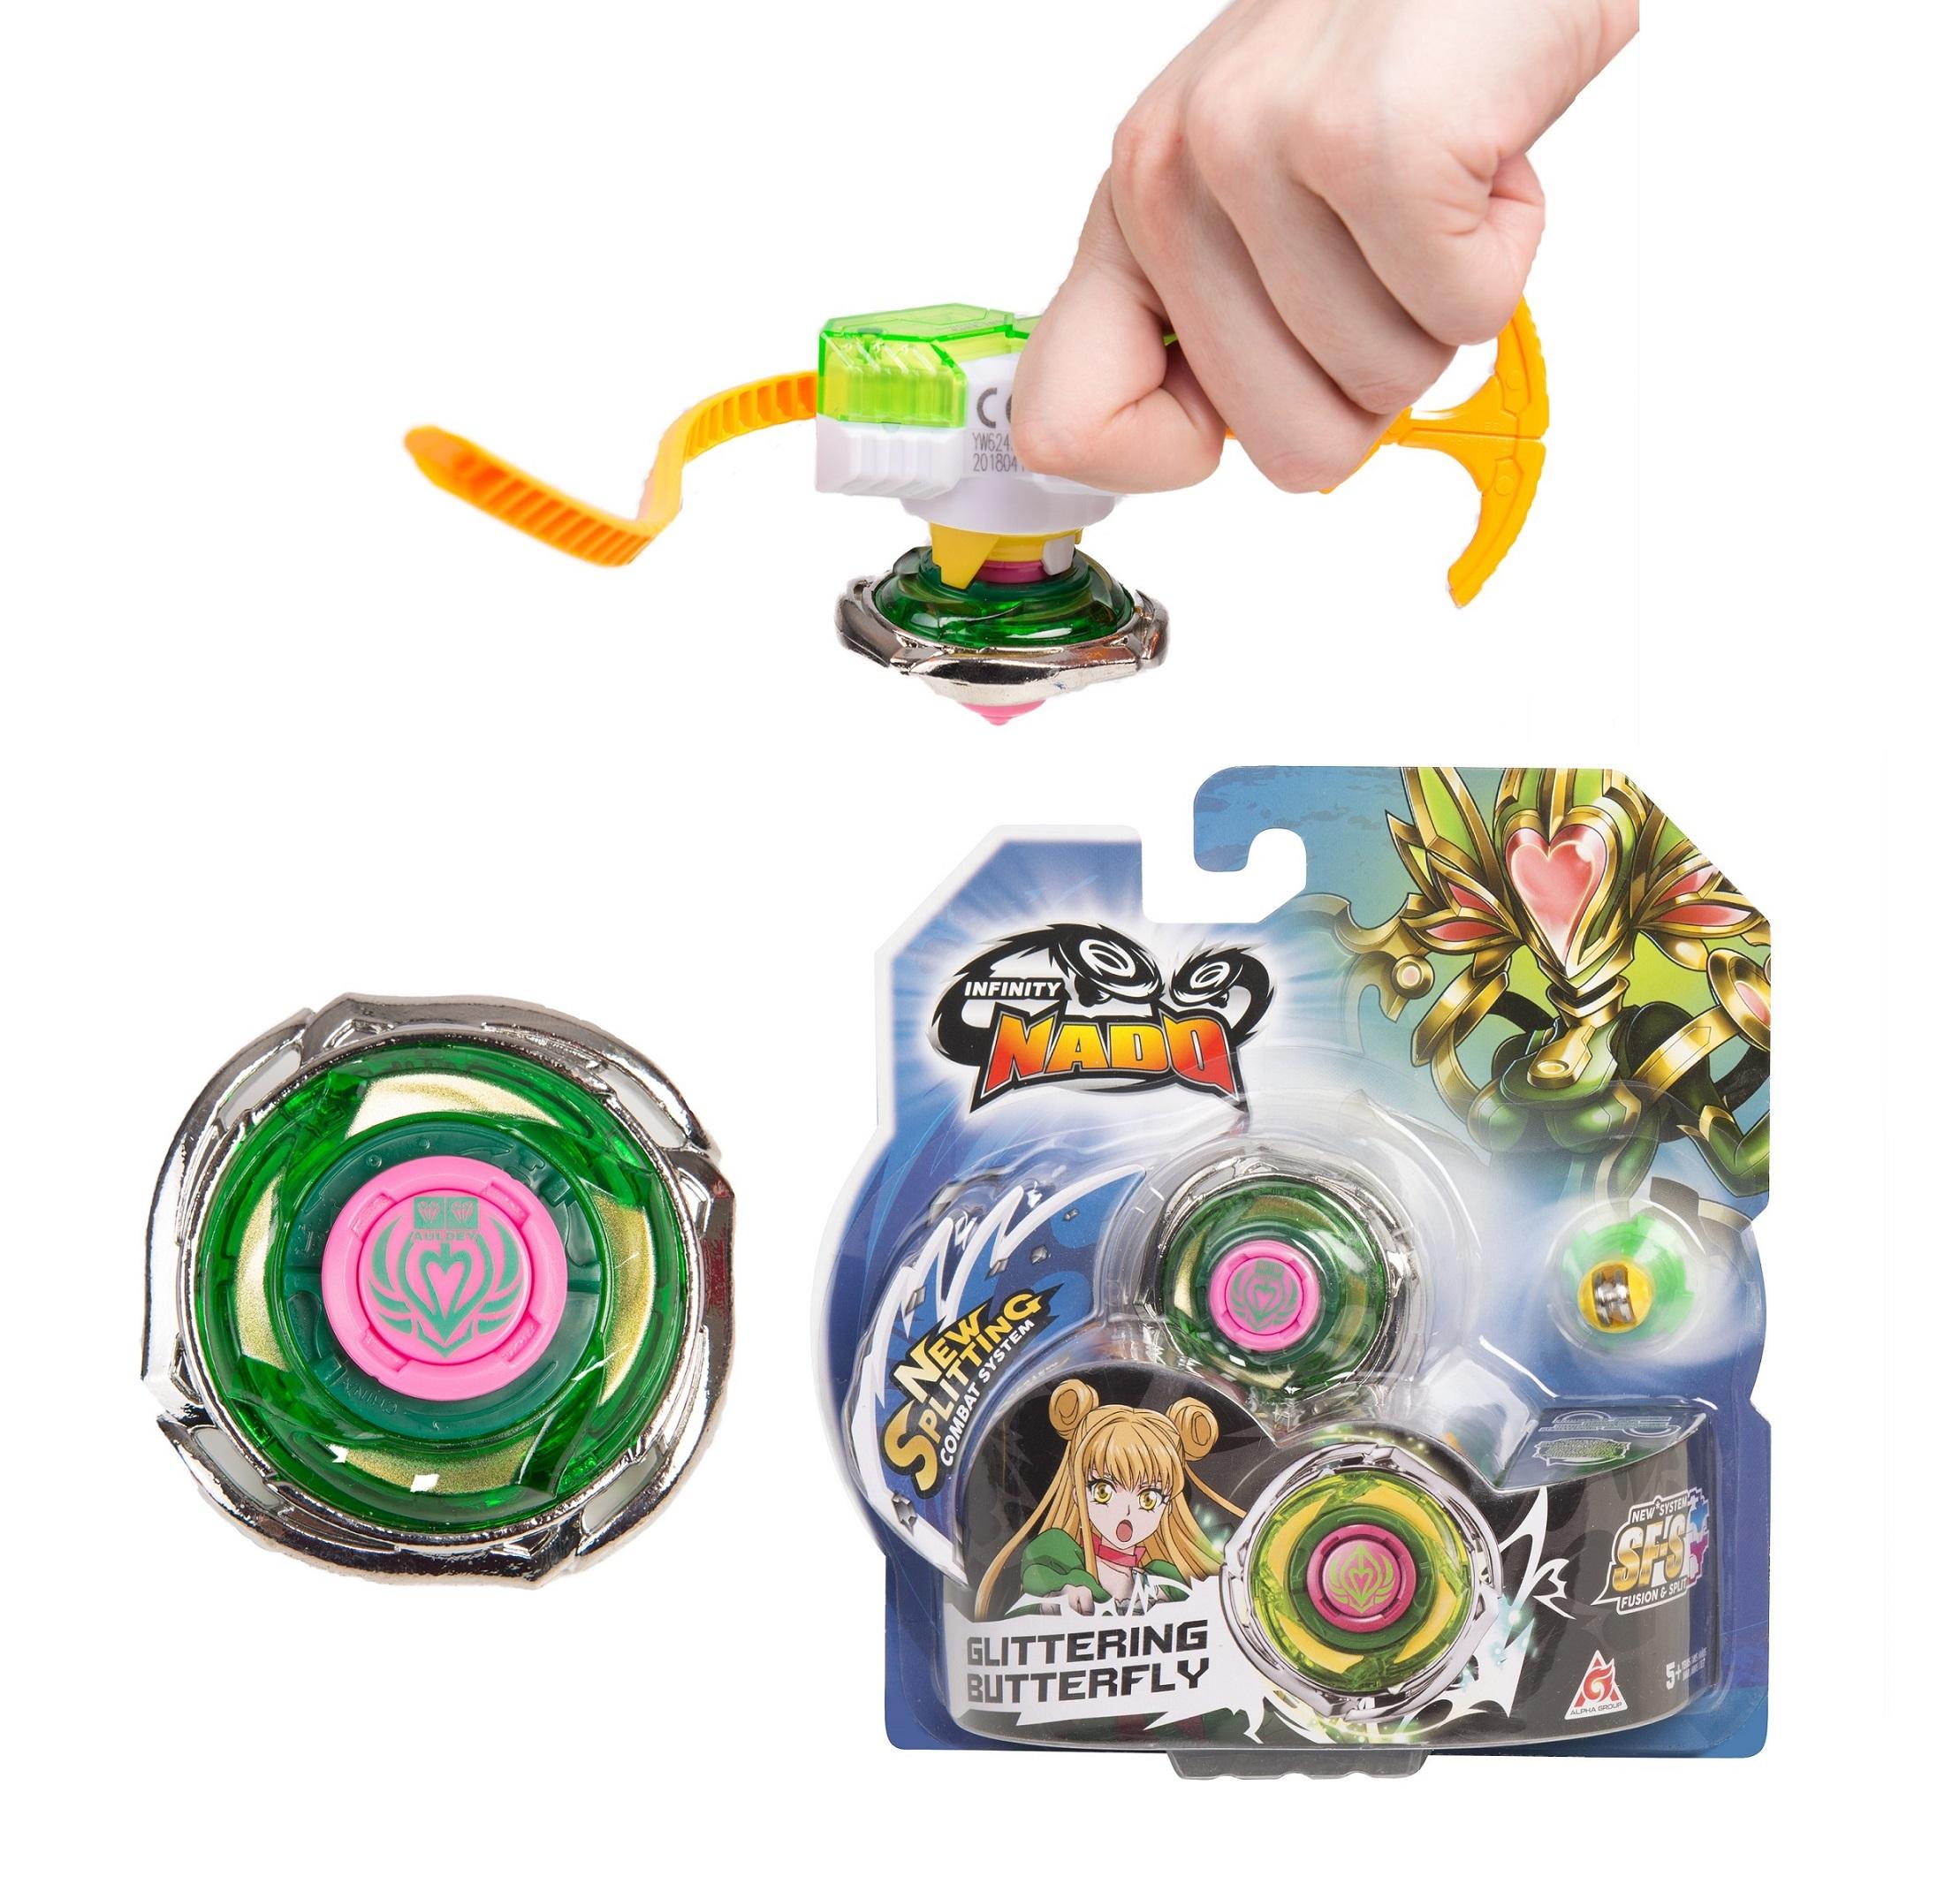 Игровой набор Infinity Nado: Волчок Стандарт – Glittering Butterfly инфинити надо infinity nado большой набор для блейд трюков 36844